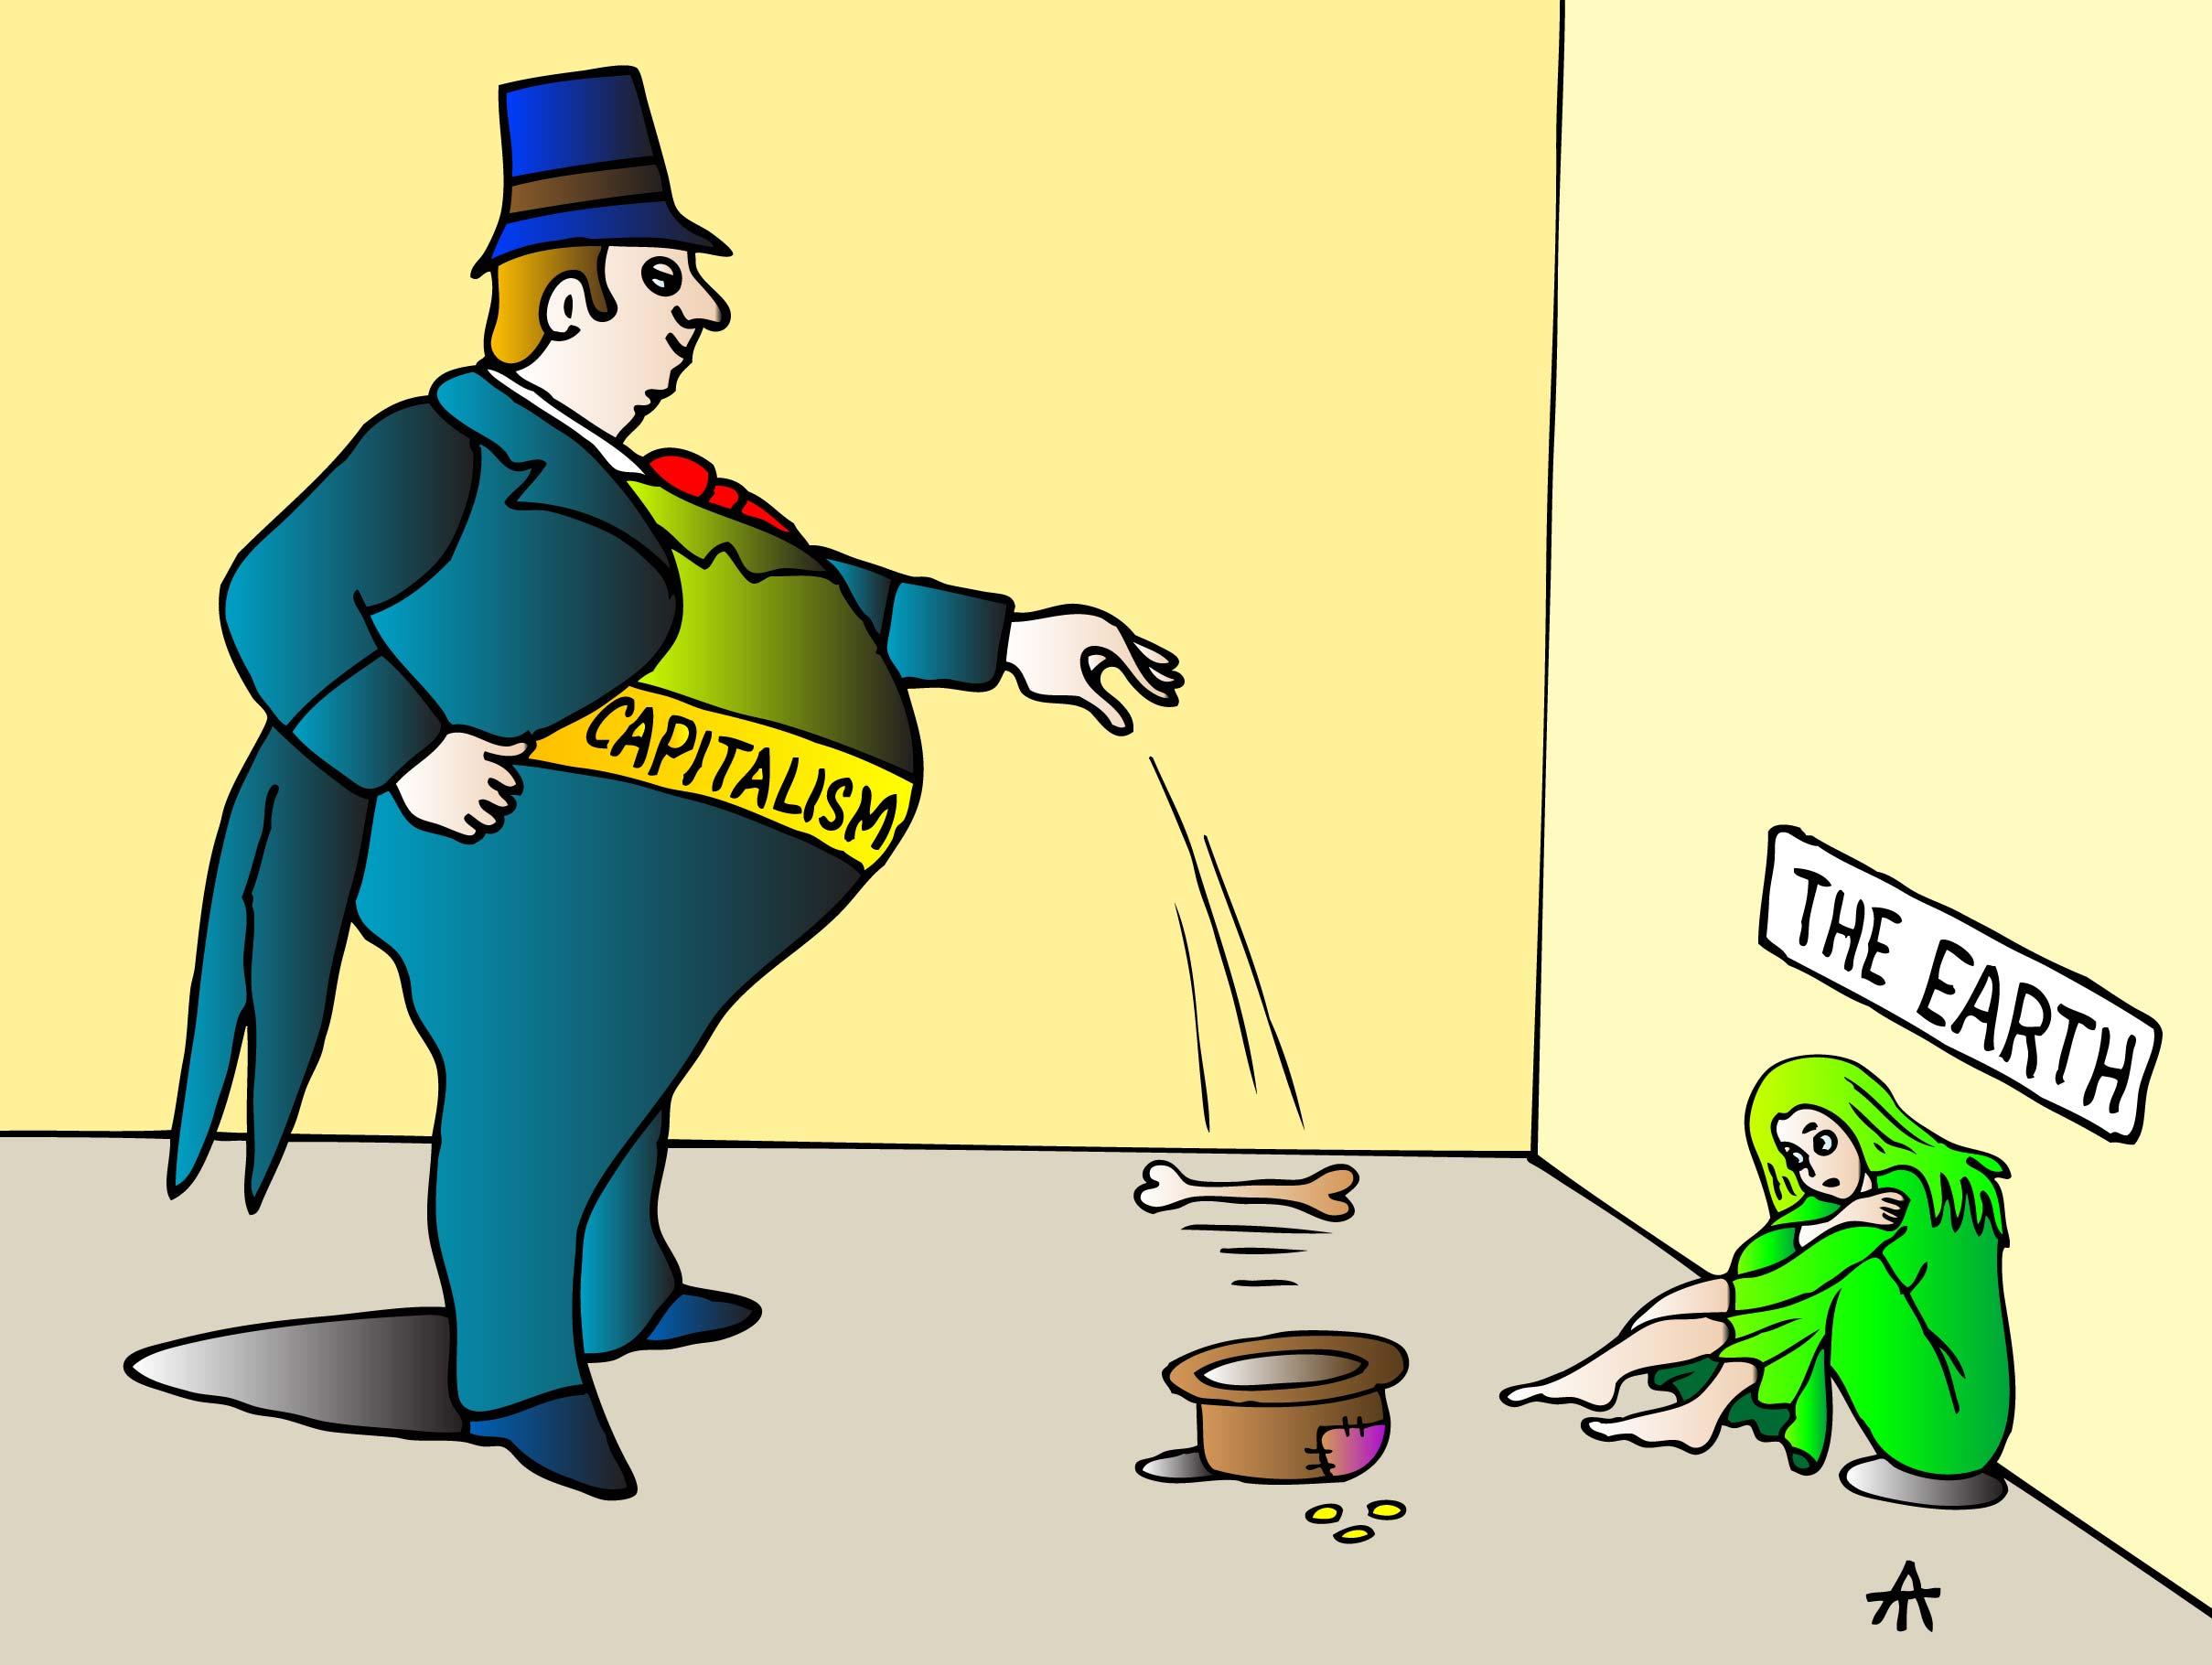 Capitalism Caricature